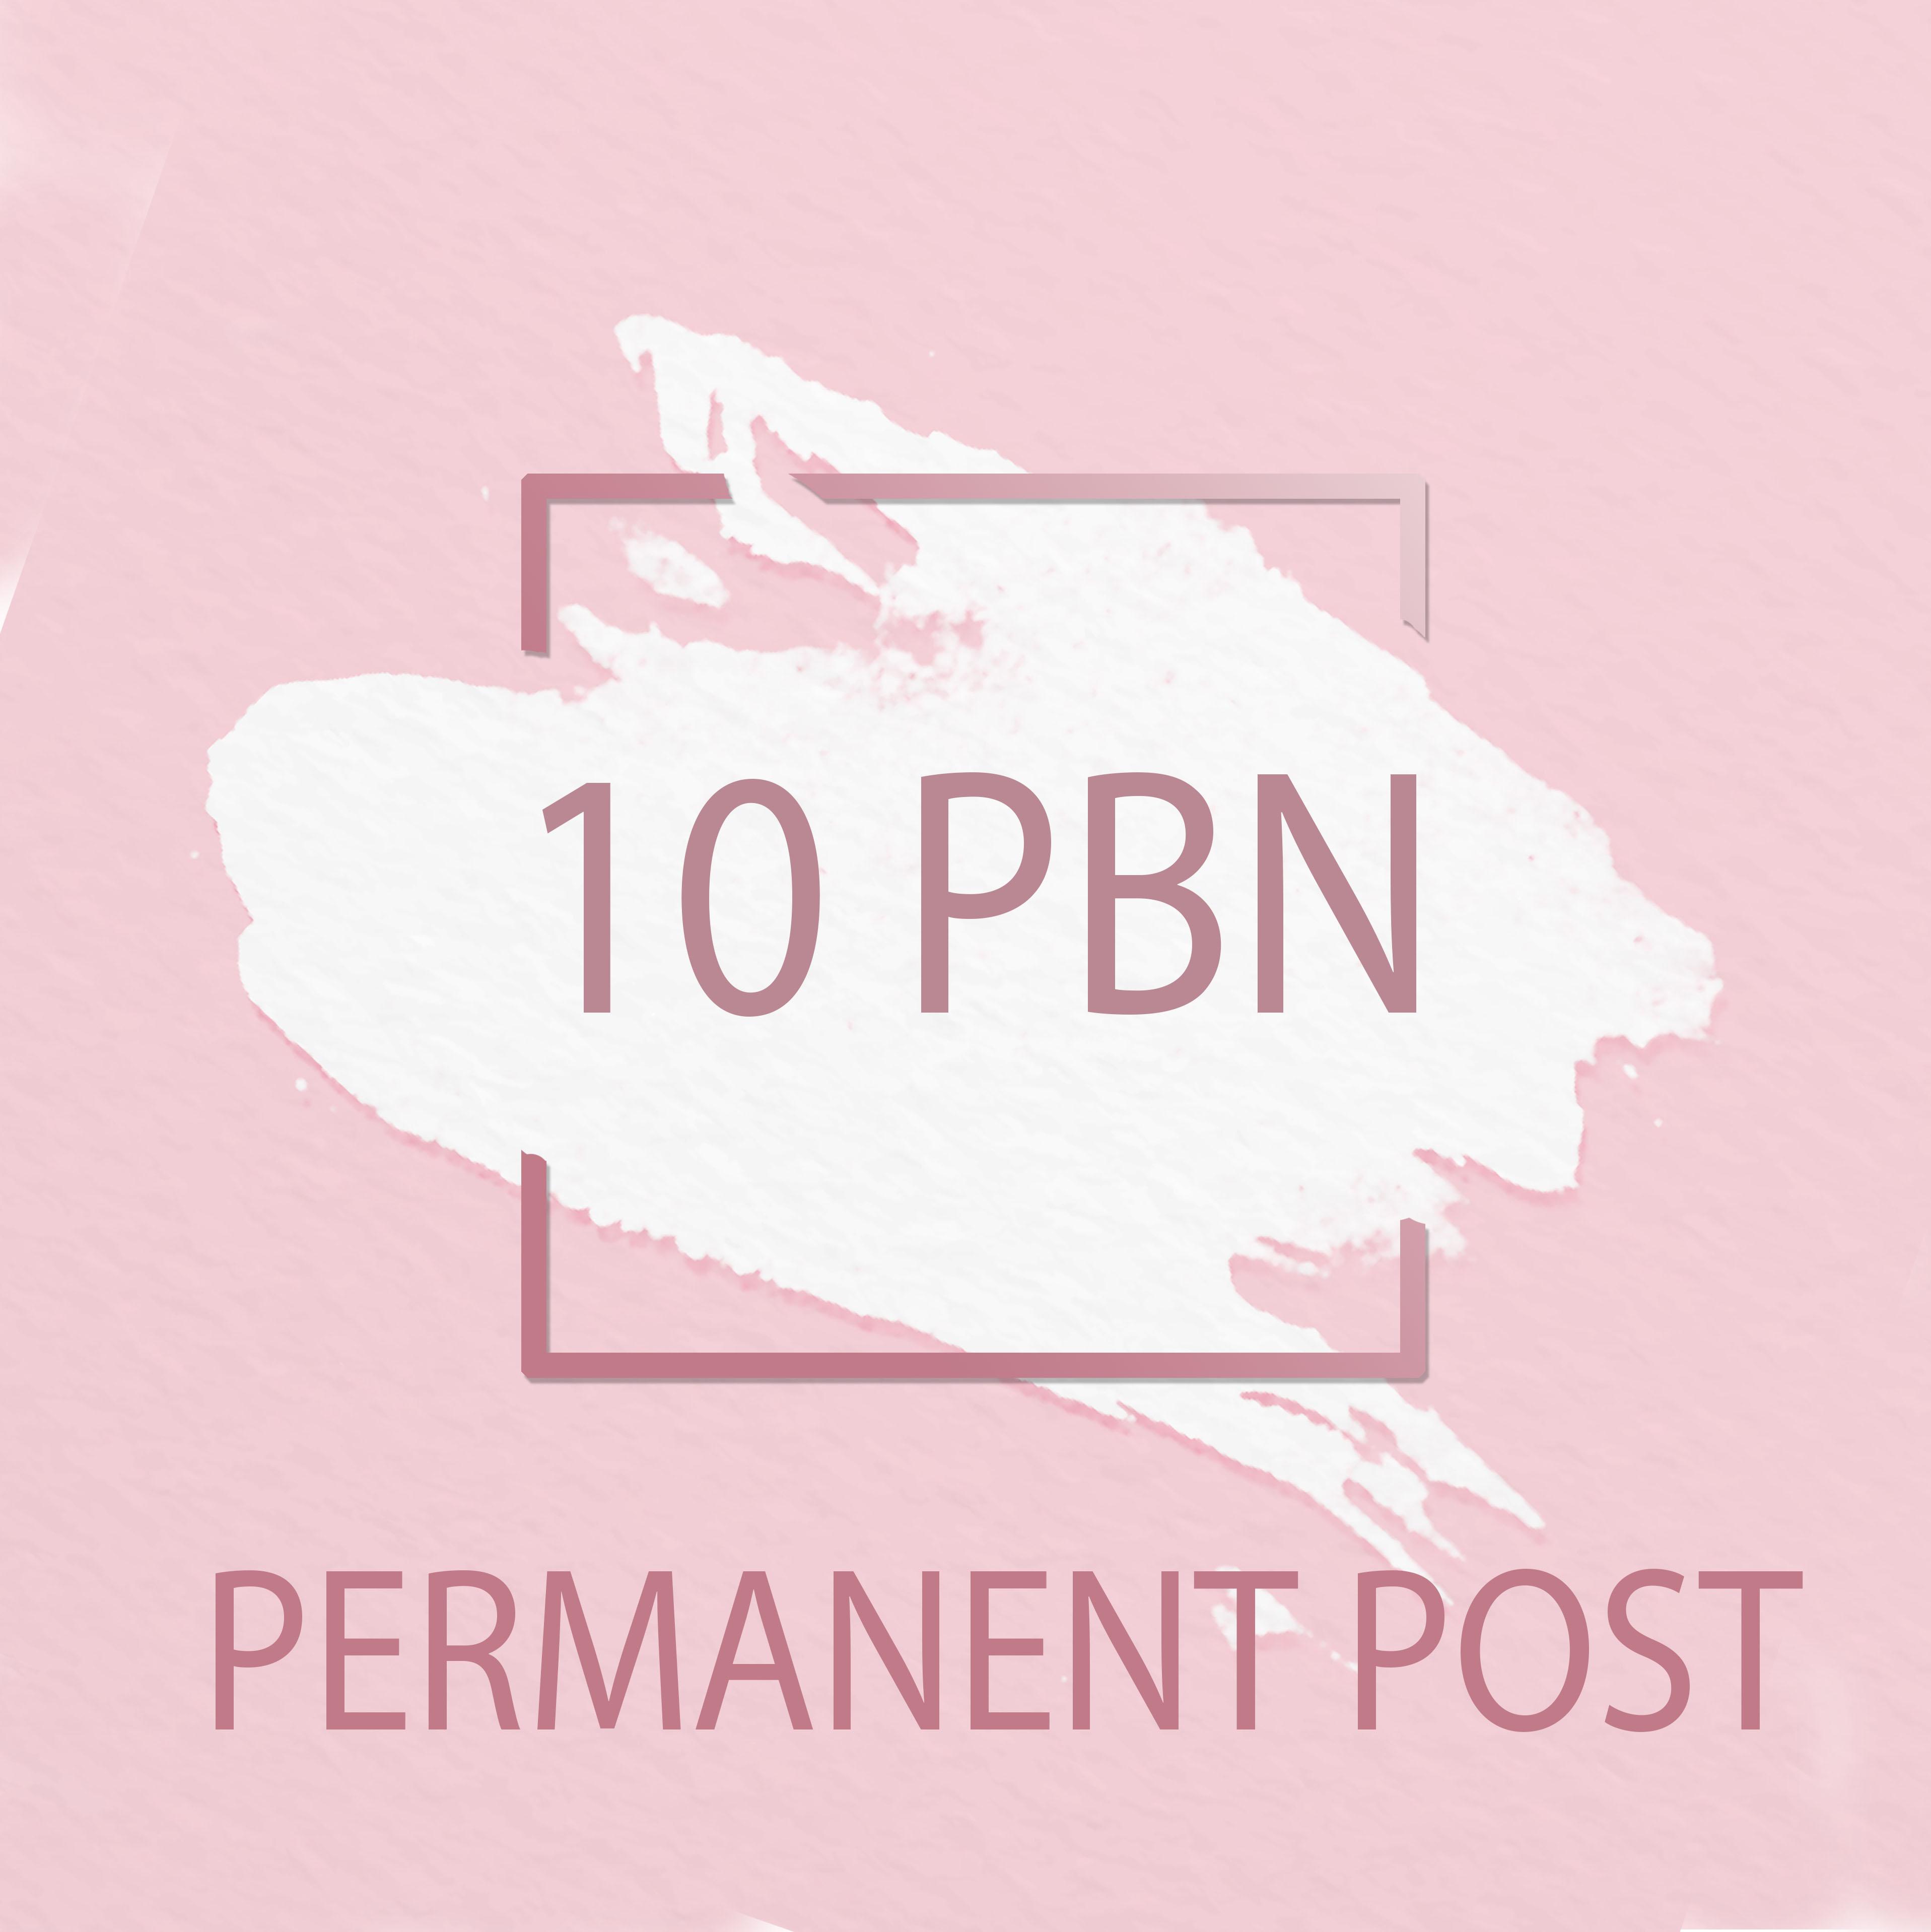 Create 10 Pbn Permanent Posts,  Unique Domains